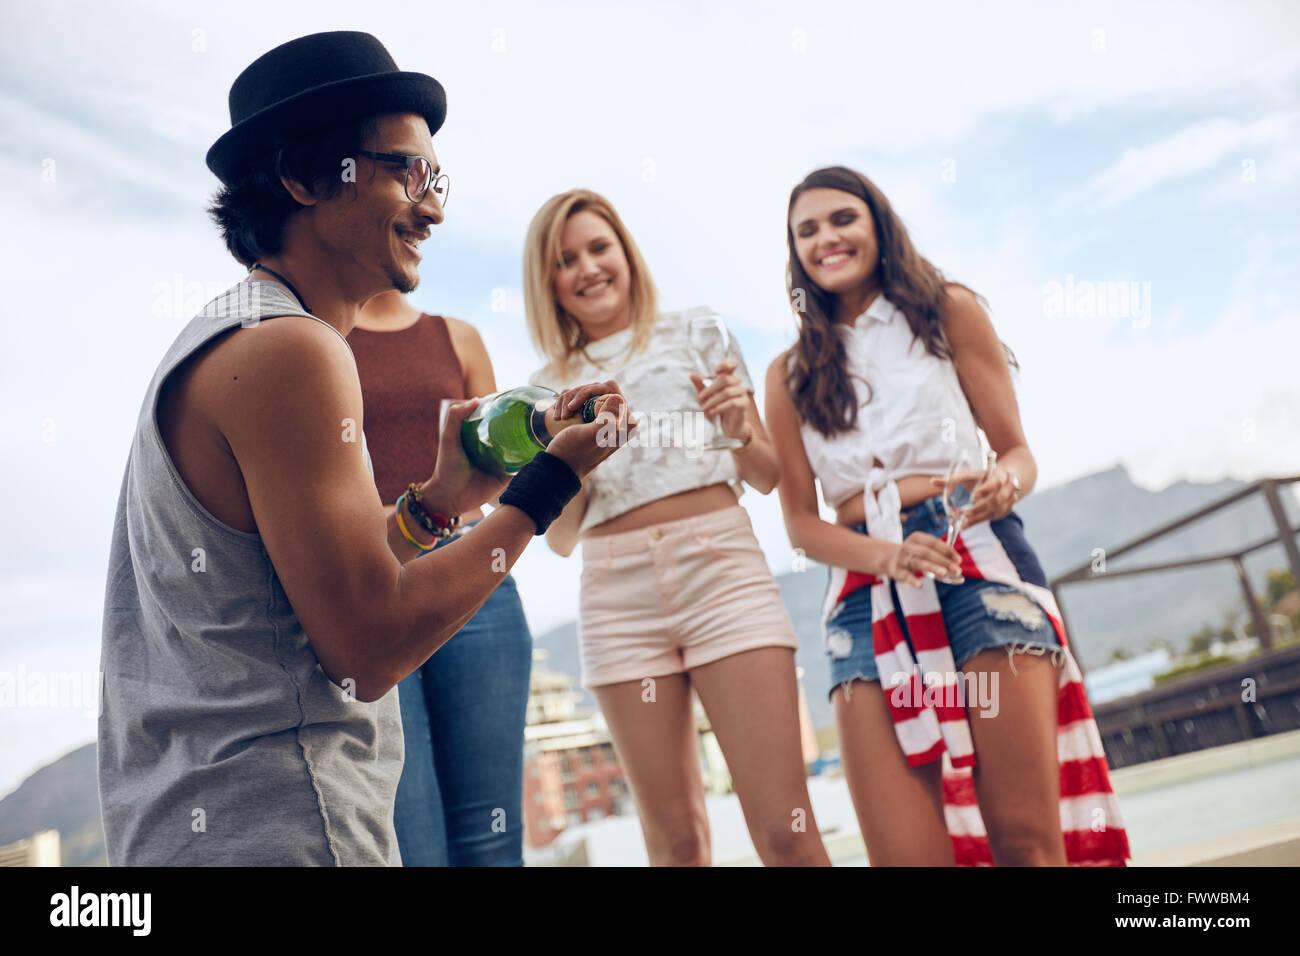 Disparó al aire libre de joven abrir una botella de champán con amigas de pie en el fondo de la piscina. Imagen De Stock